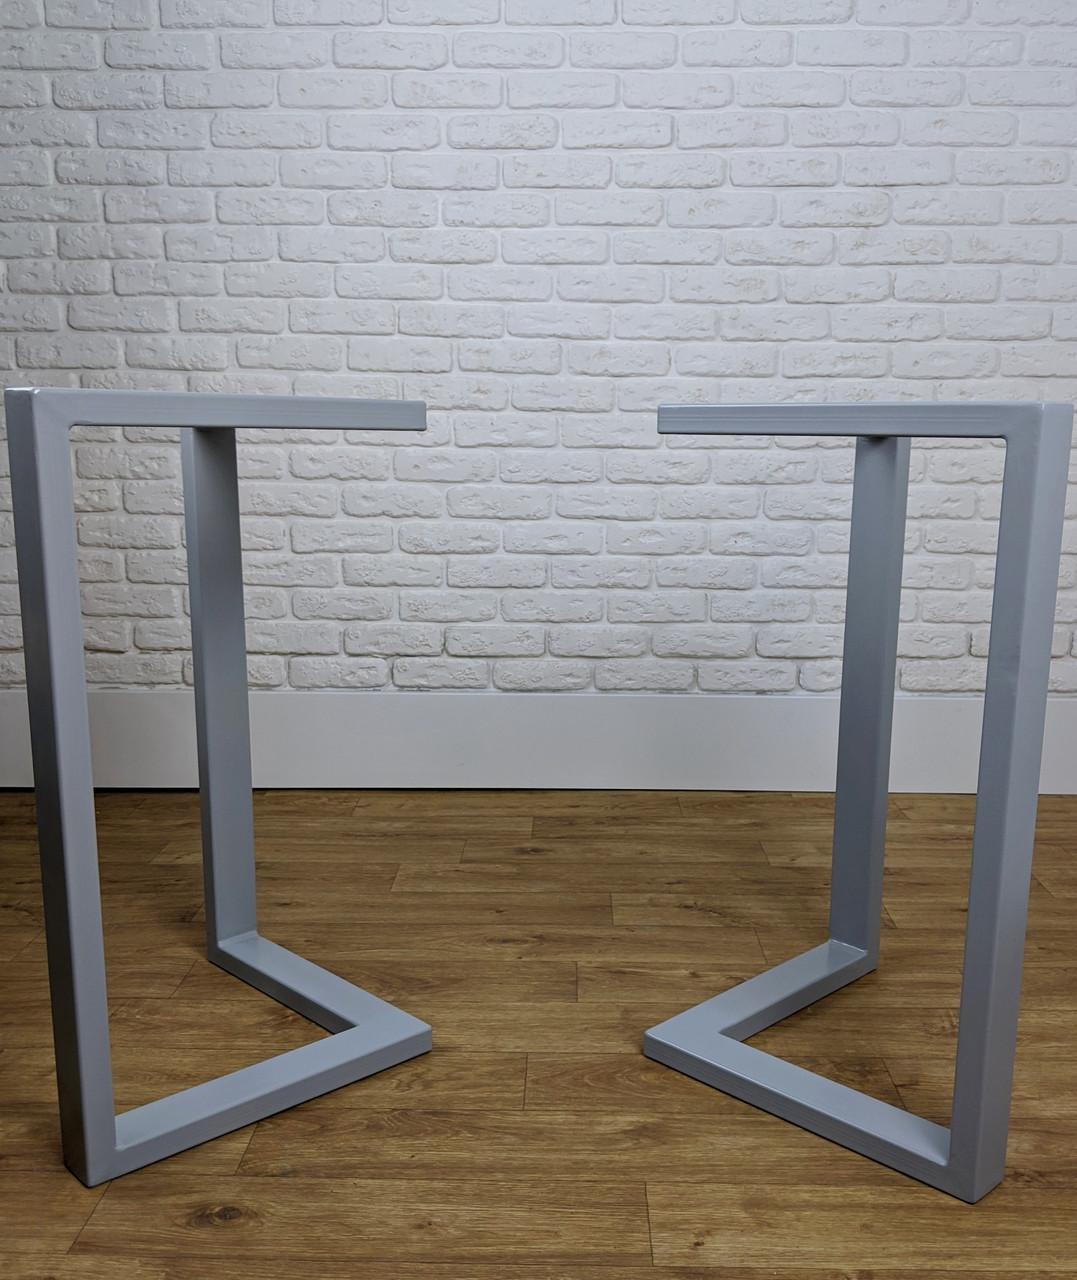 Металлические черные ножки для стола в кафе N45 подстолье из металла, ножки для стола